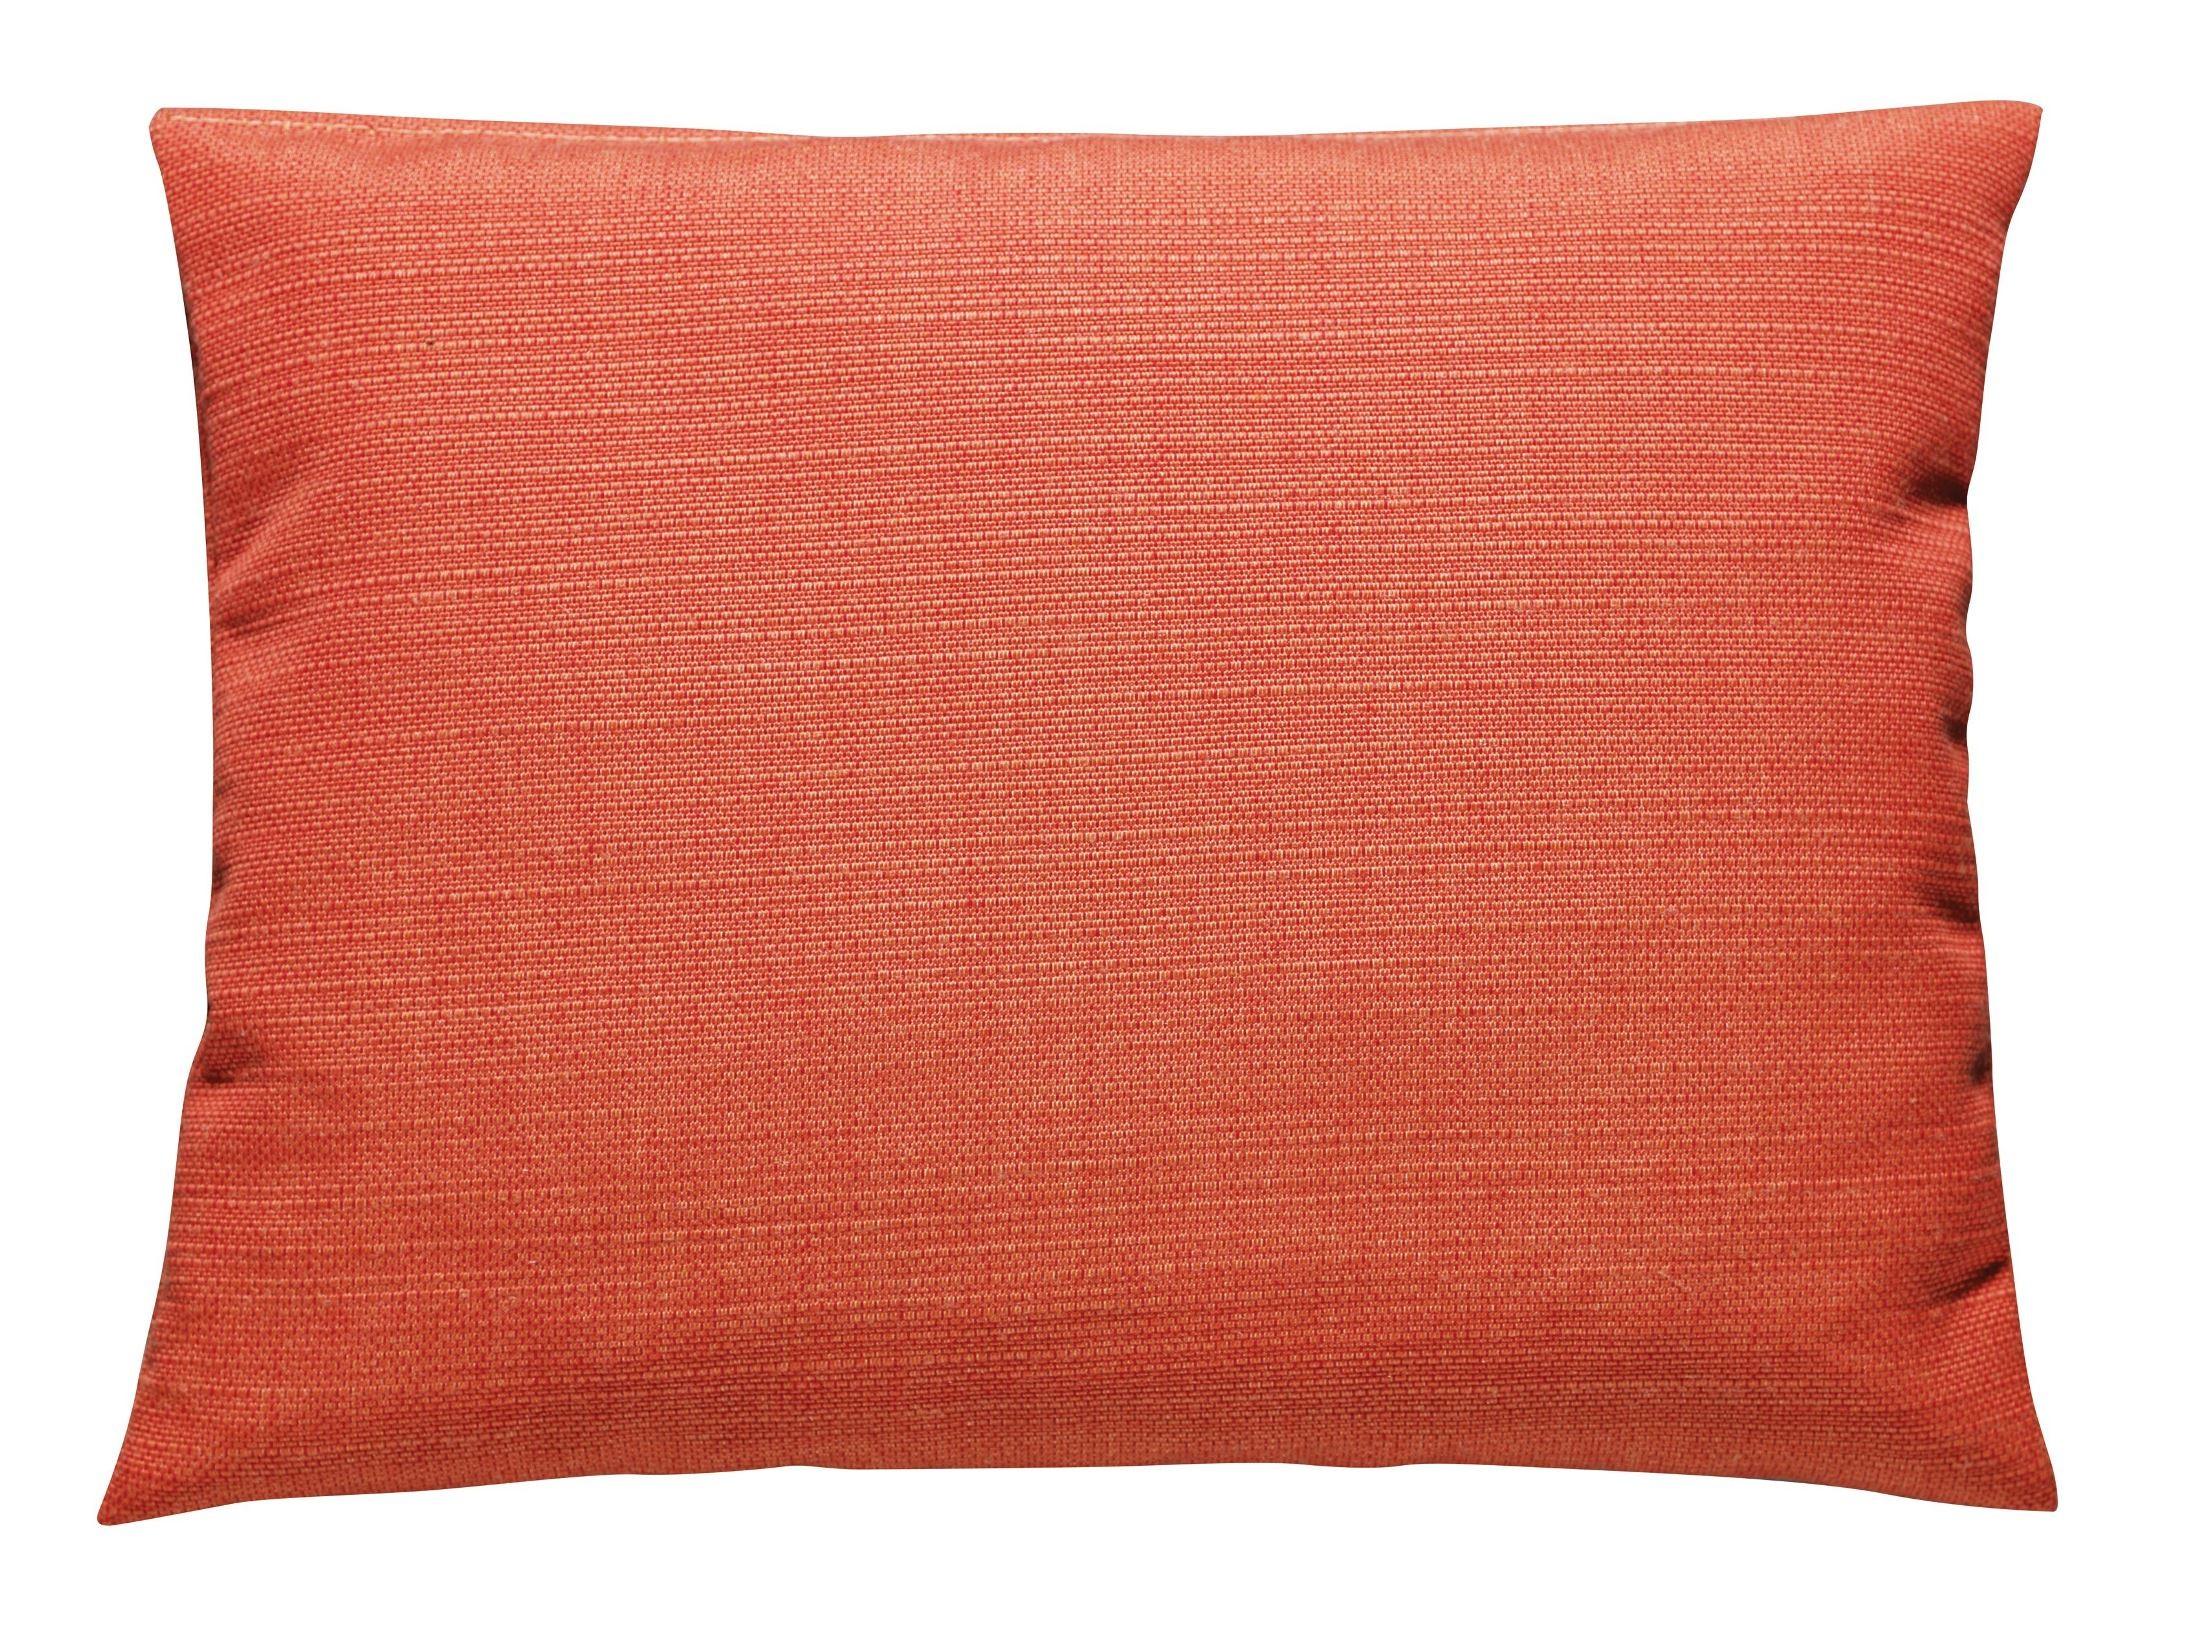 chair headrest pillow hair stylist chairs generations flame regatta cushion a20 18